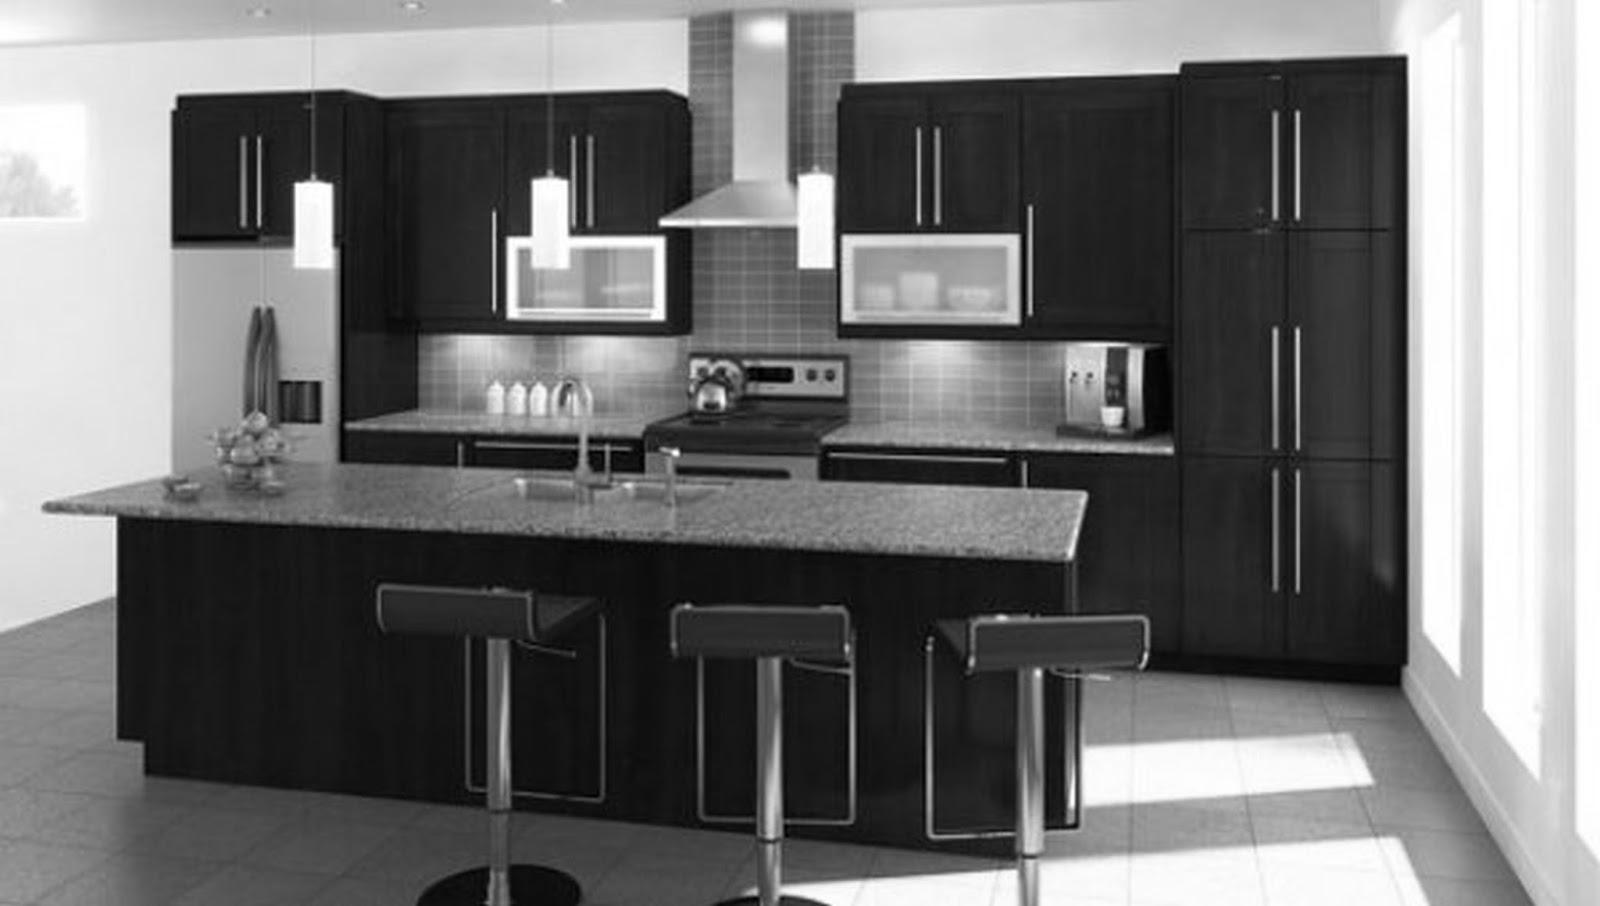 ديكورات طاولات مطبخ 2015 | ديكور غرف